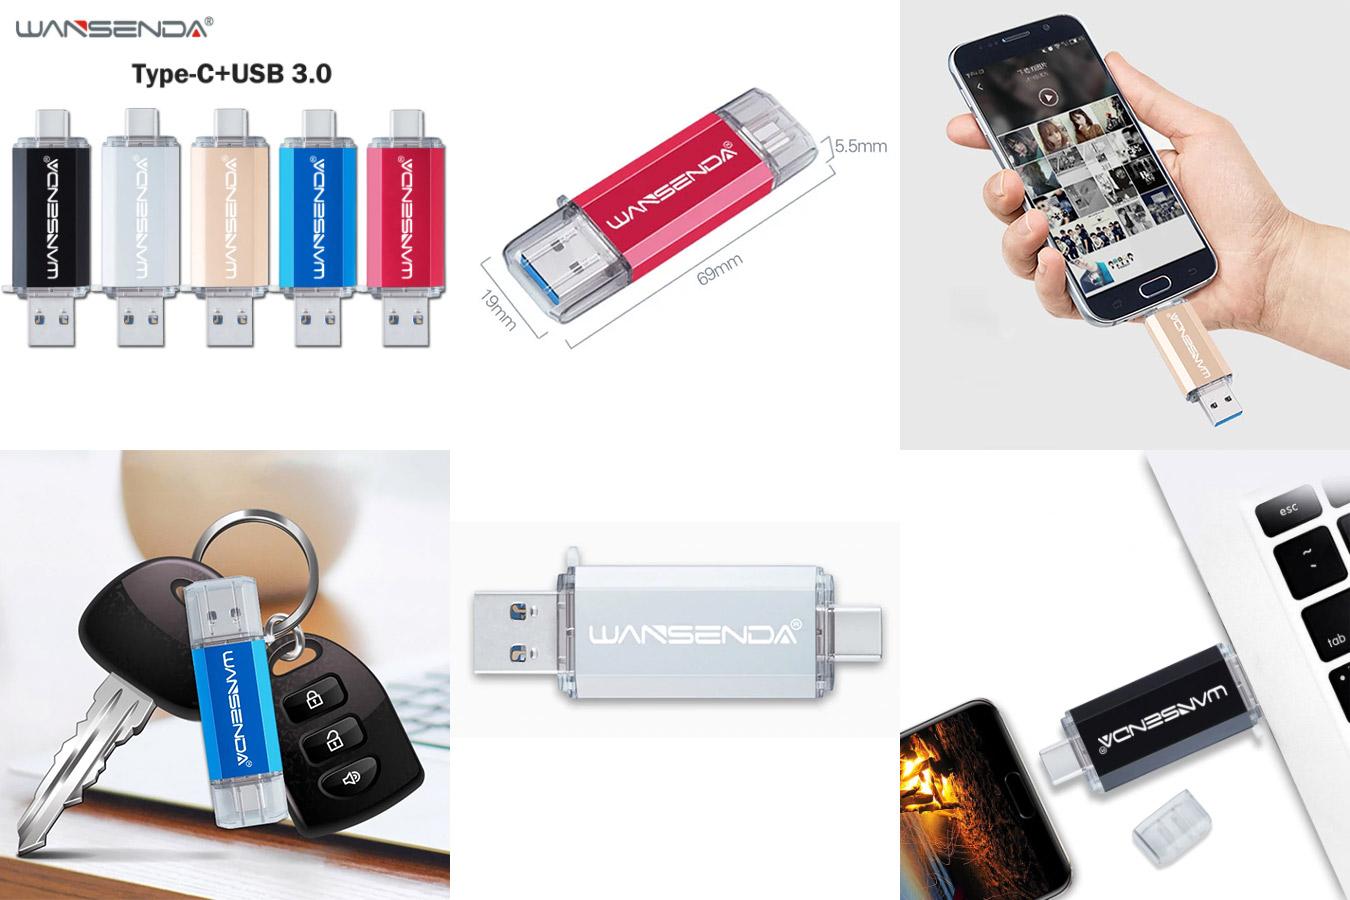 Стильная USB-флешка со стандартом подключения 3.0.